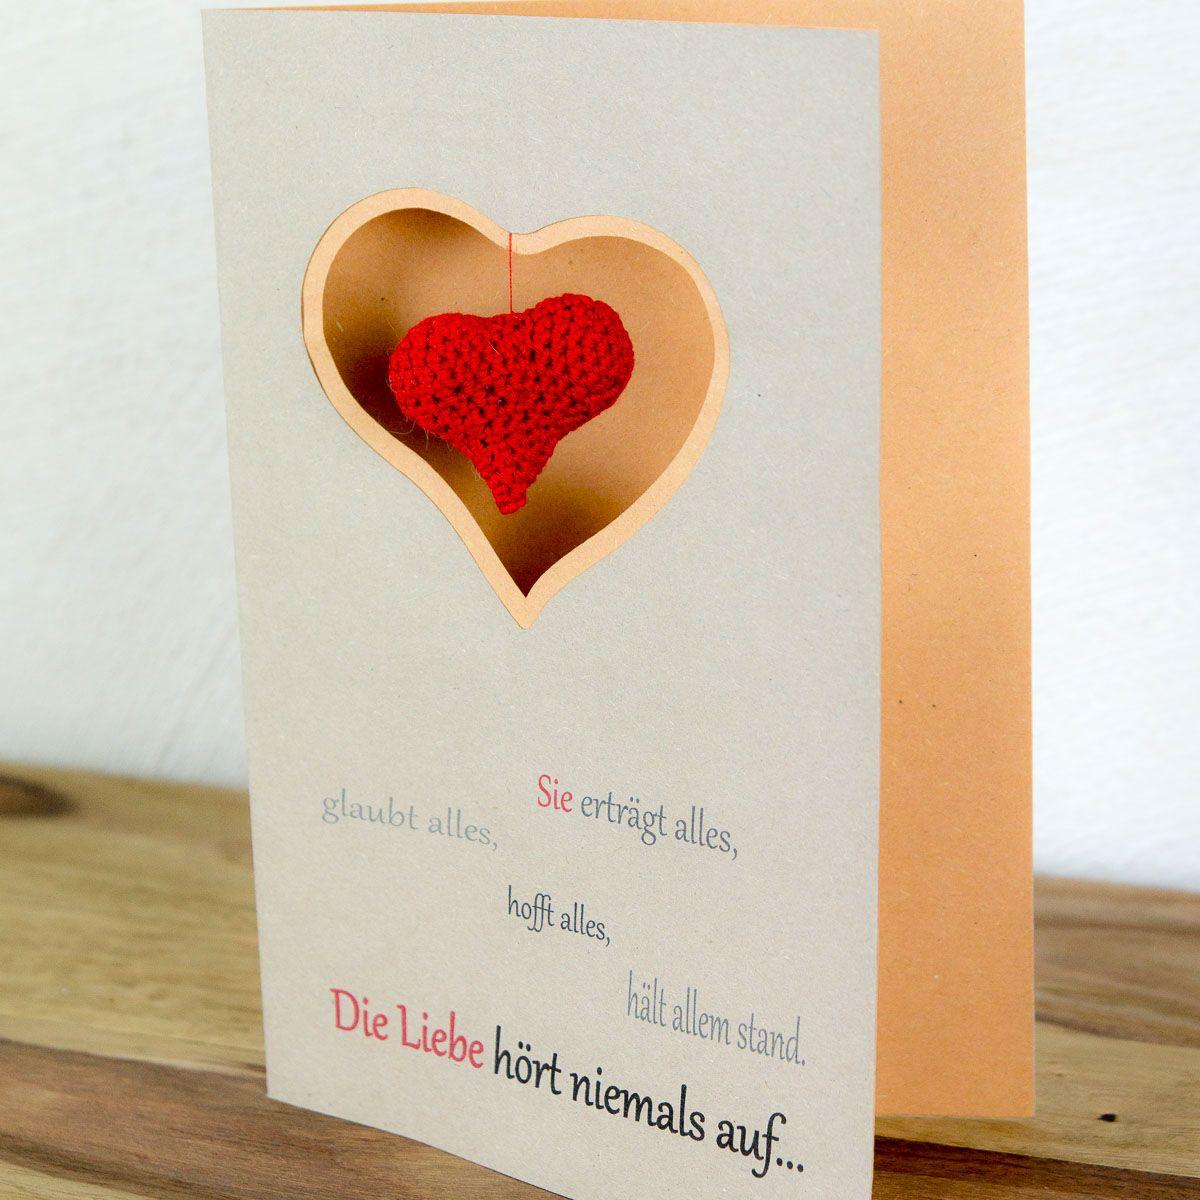 Schön Mit Meiner Besonderen #Valentinskarte Mit Gehäkeltem #Herz  Http://buff.ly/2l0z2HB #valentine #valentinstag  #liebepic.twitter.com/iZsFTAGFEi